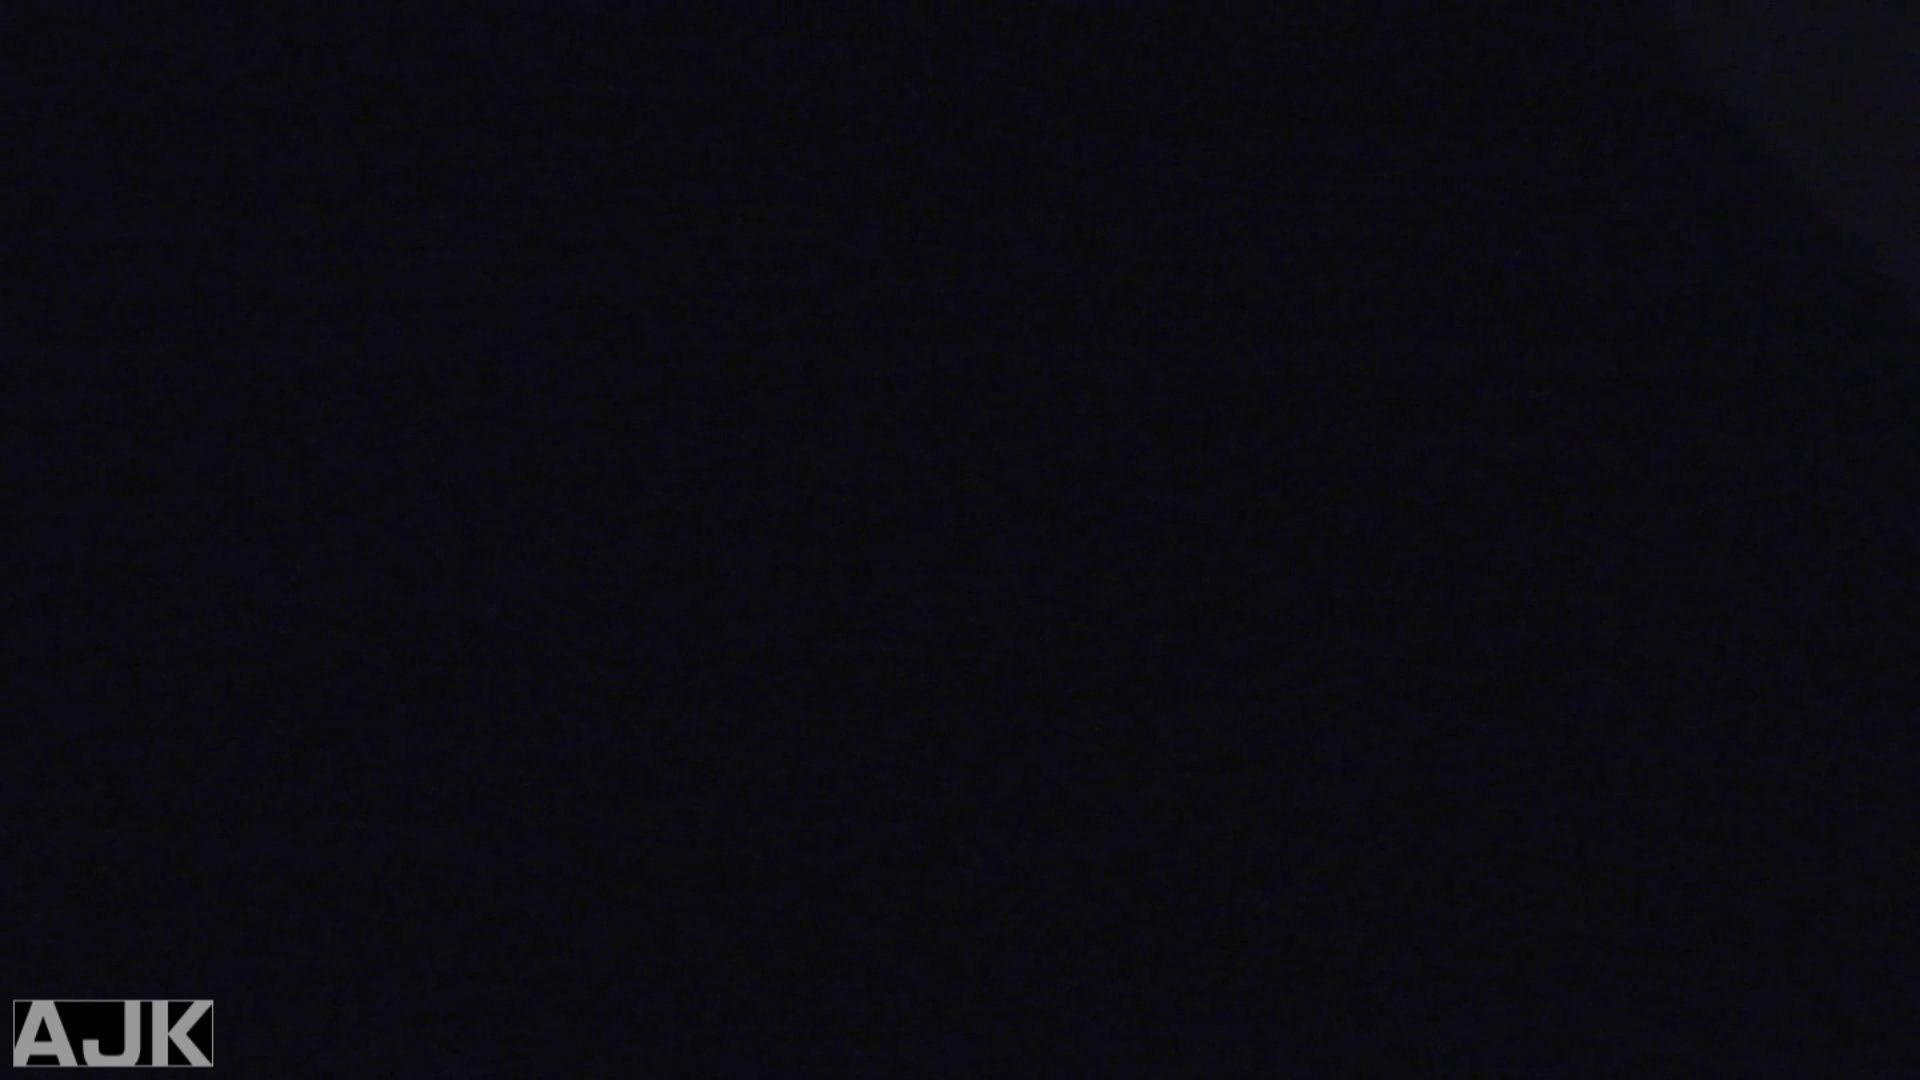 神降臨!史上最強の潜入かわや! vol.22 美女丸裸 セックス画像 96pic 53